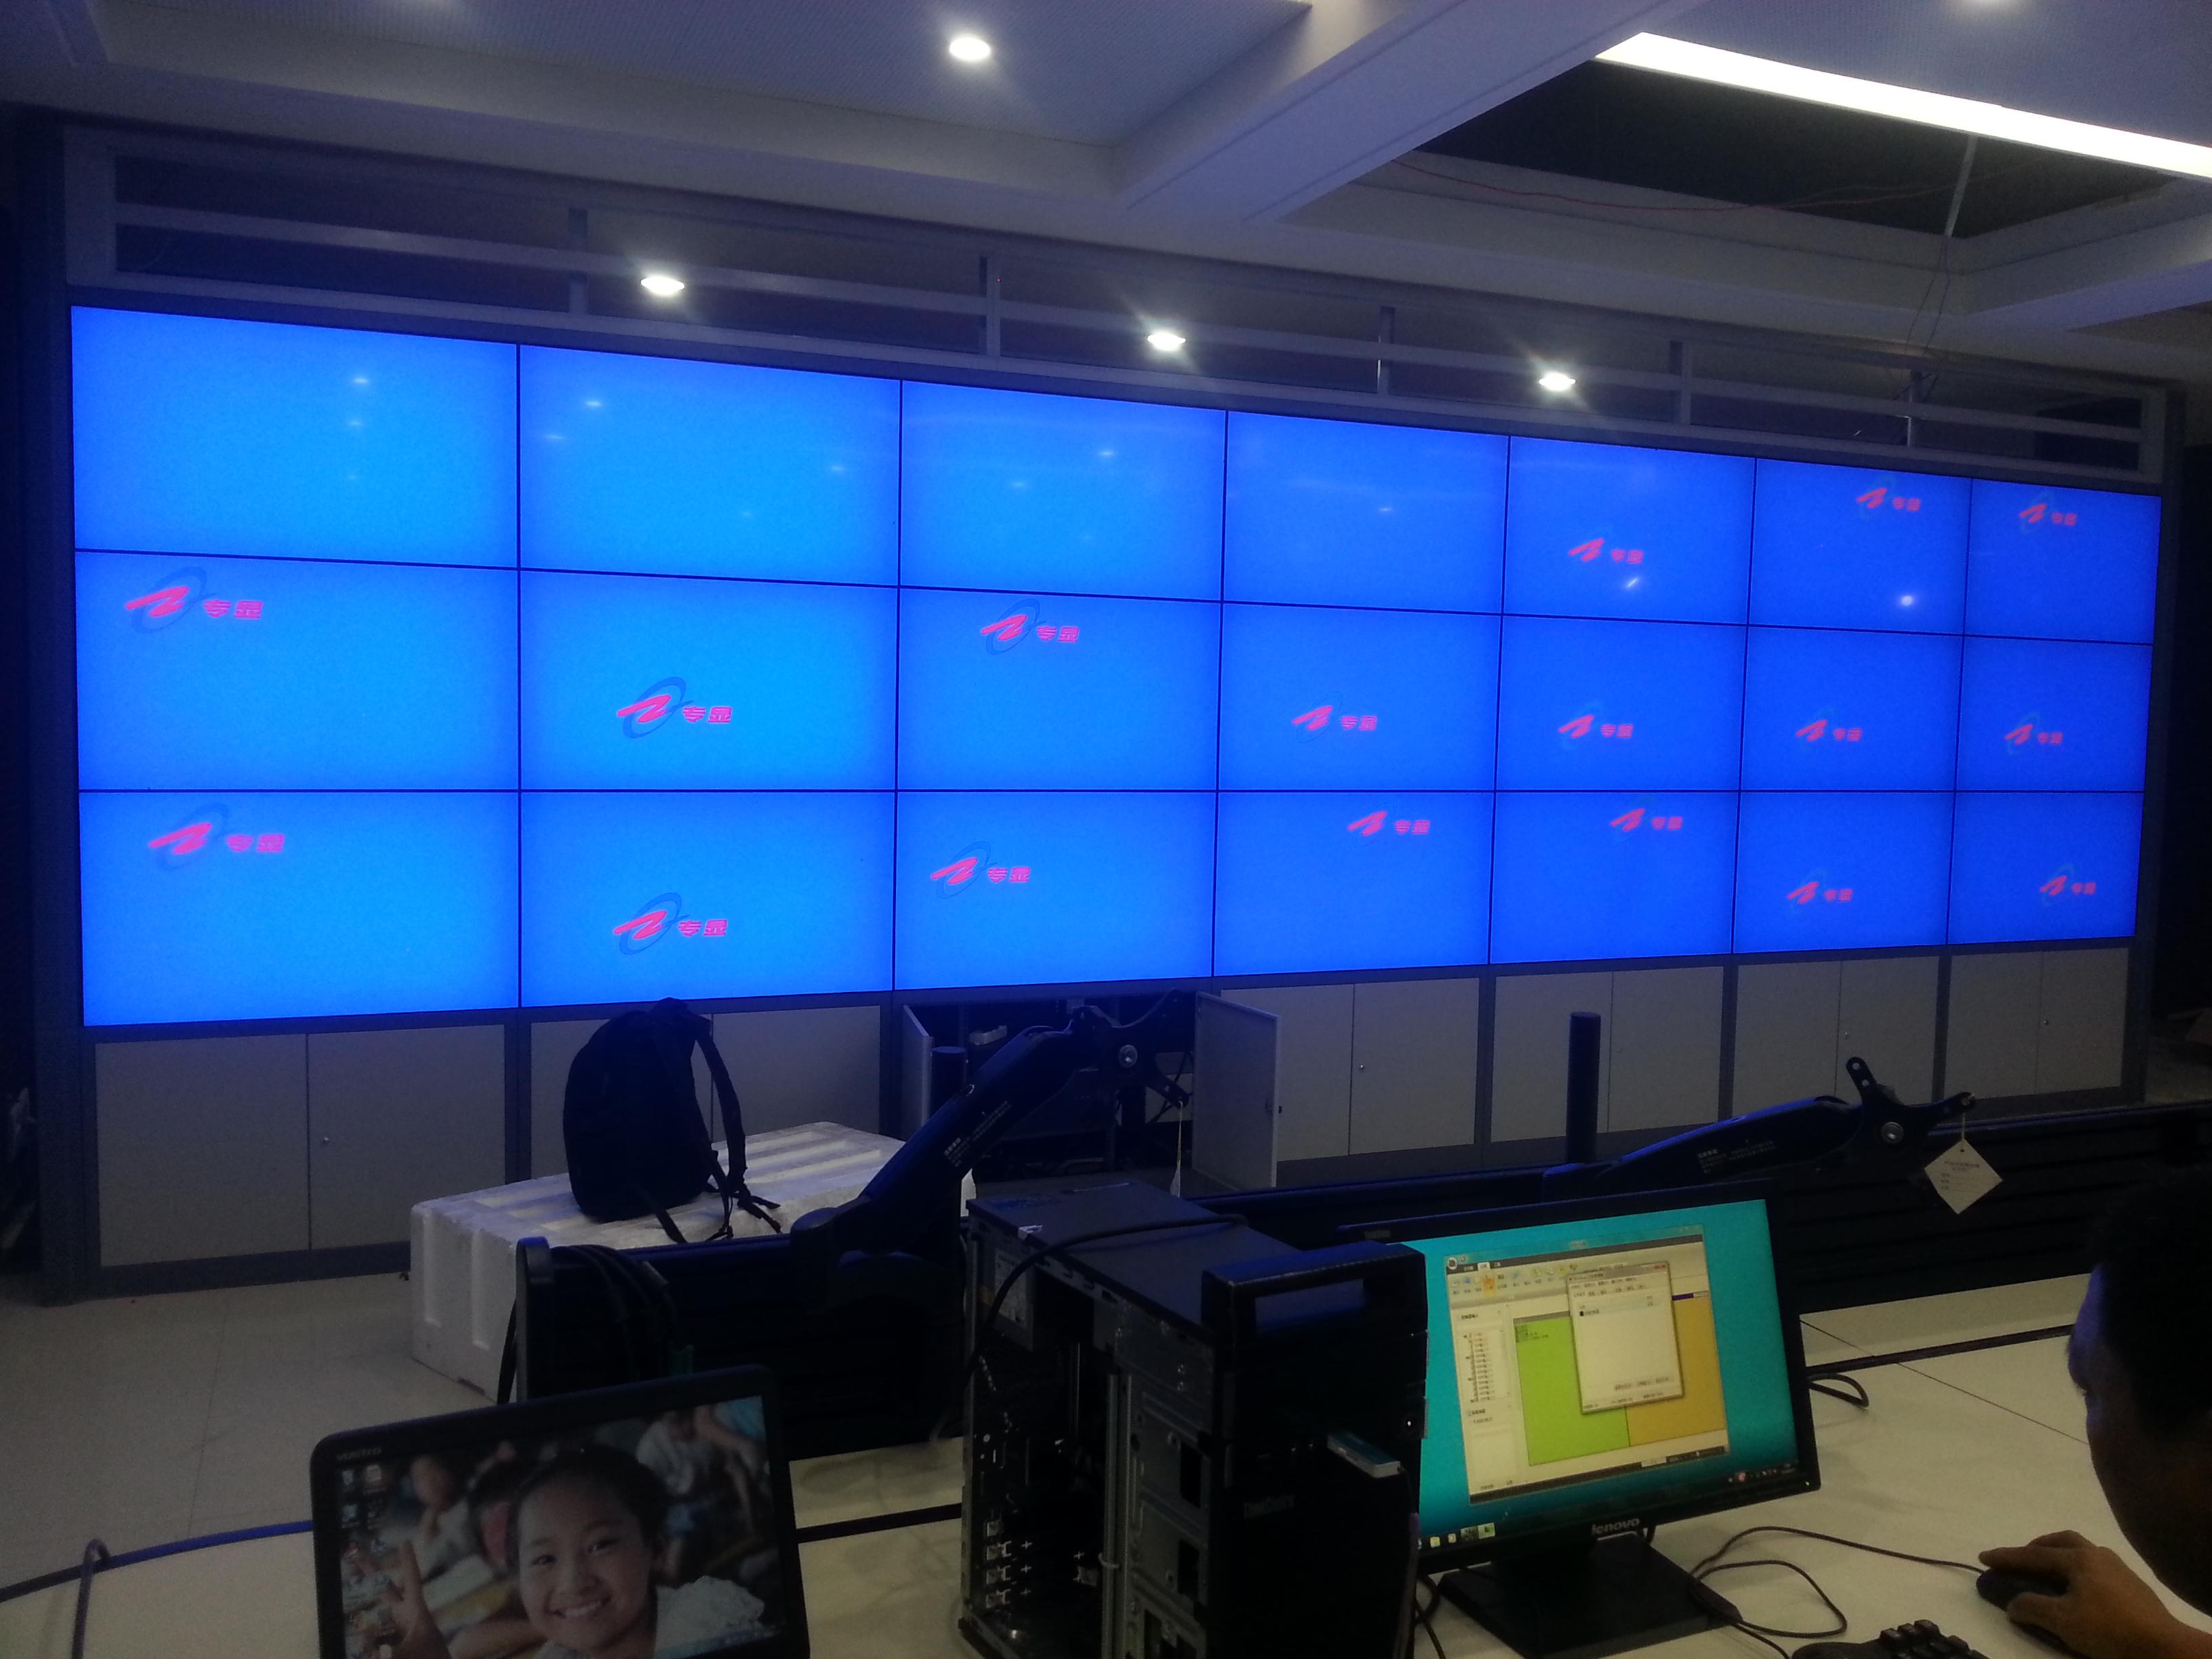 湖北广水公安局一分钟学会看分时图.jpg